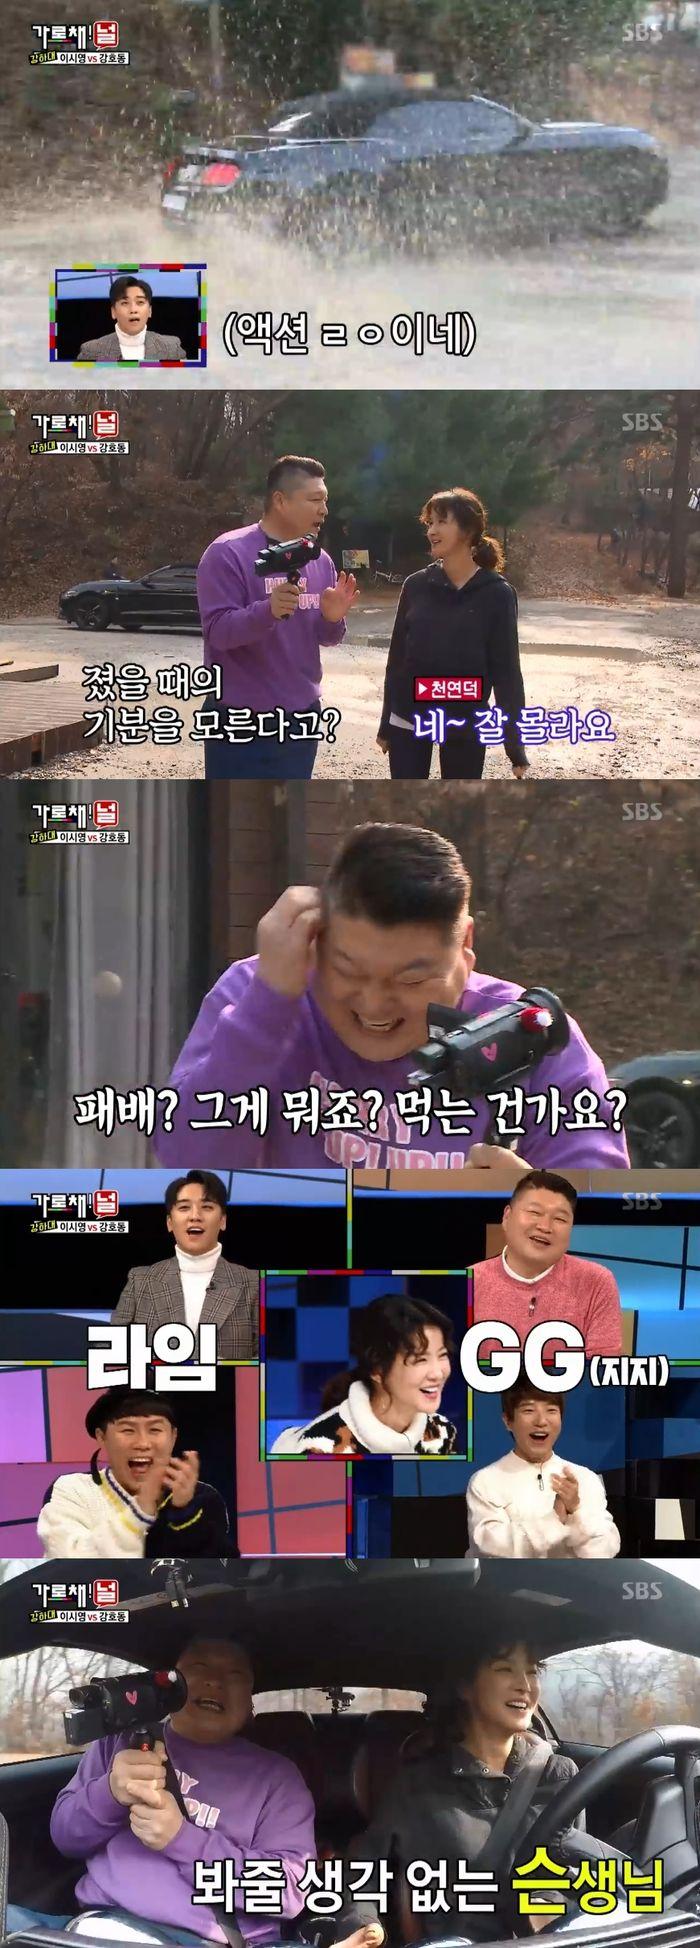 """'가로채널' 이시영, 드리프트 시범…강호동 """"영혼이 탈탈 털리는 기분"""""""